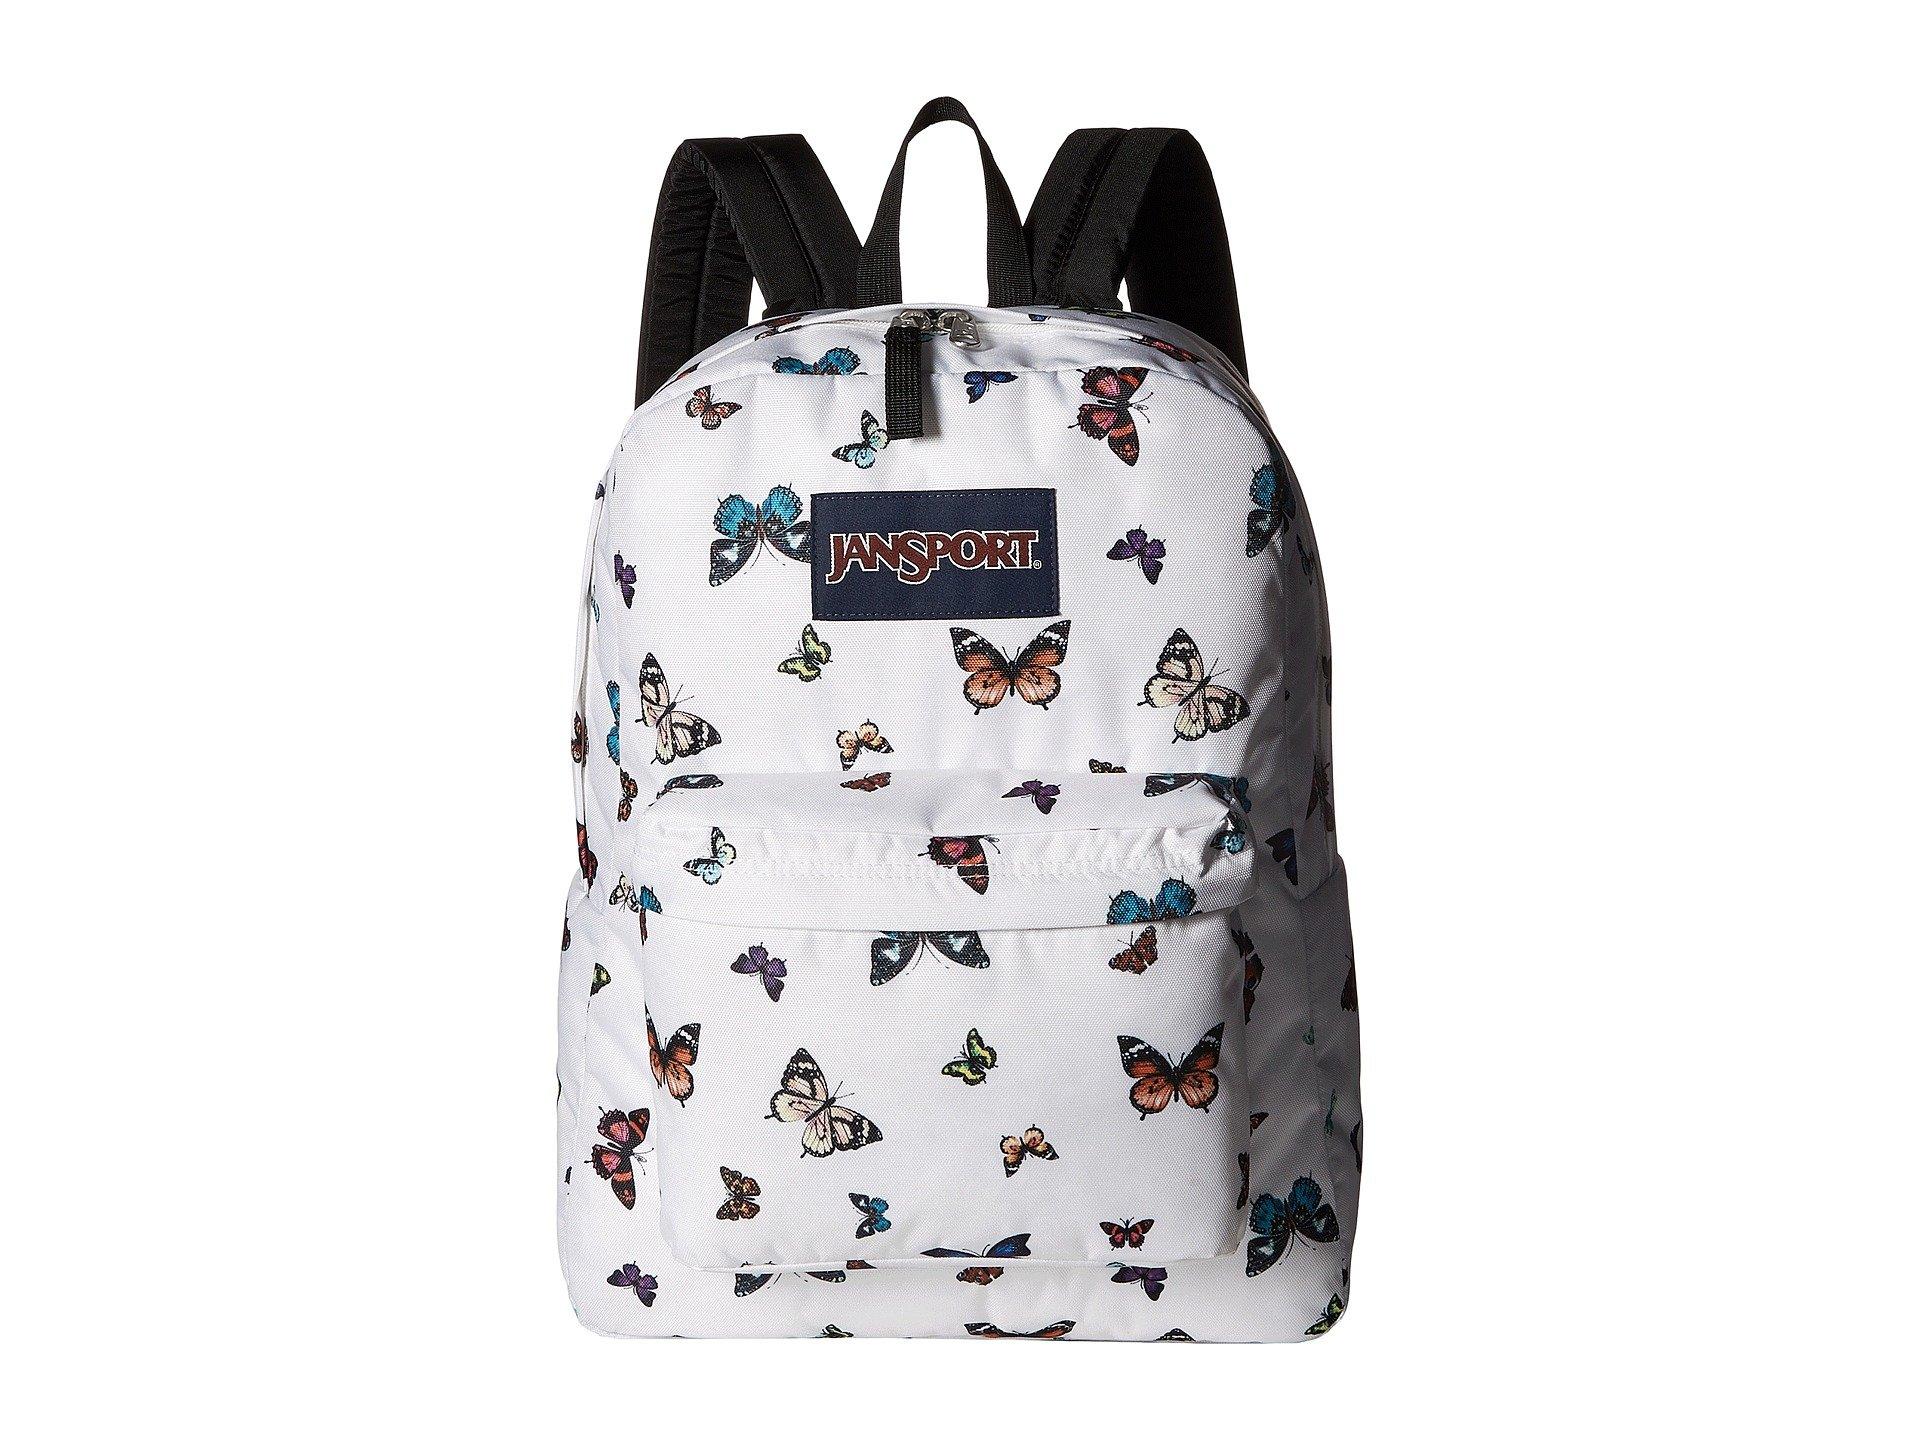 Butterflies Butterflies Superbreak® Superbreak® Superbreak® Butterflies Jansport Butterflies Jansport Superbreak® Jansport Jansport Superbreak® Jansport wnHfUCq